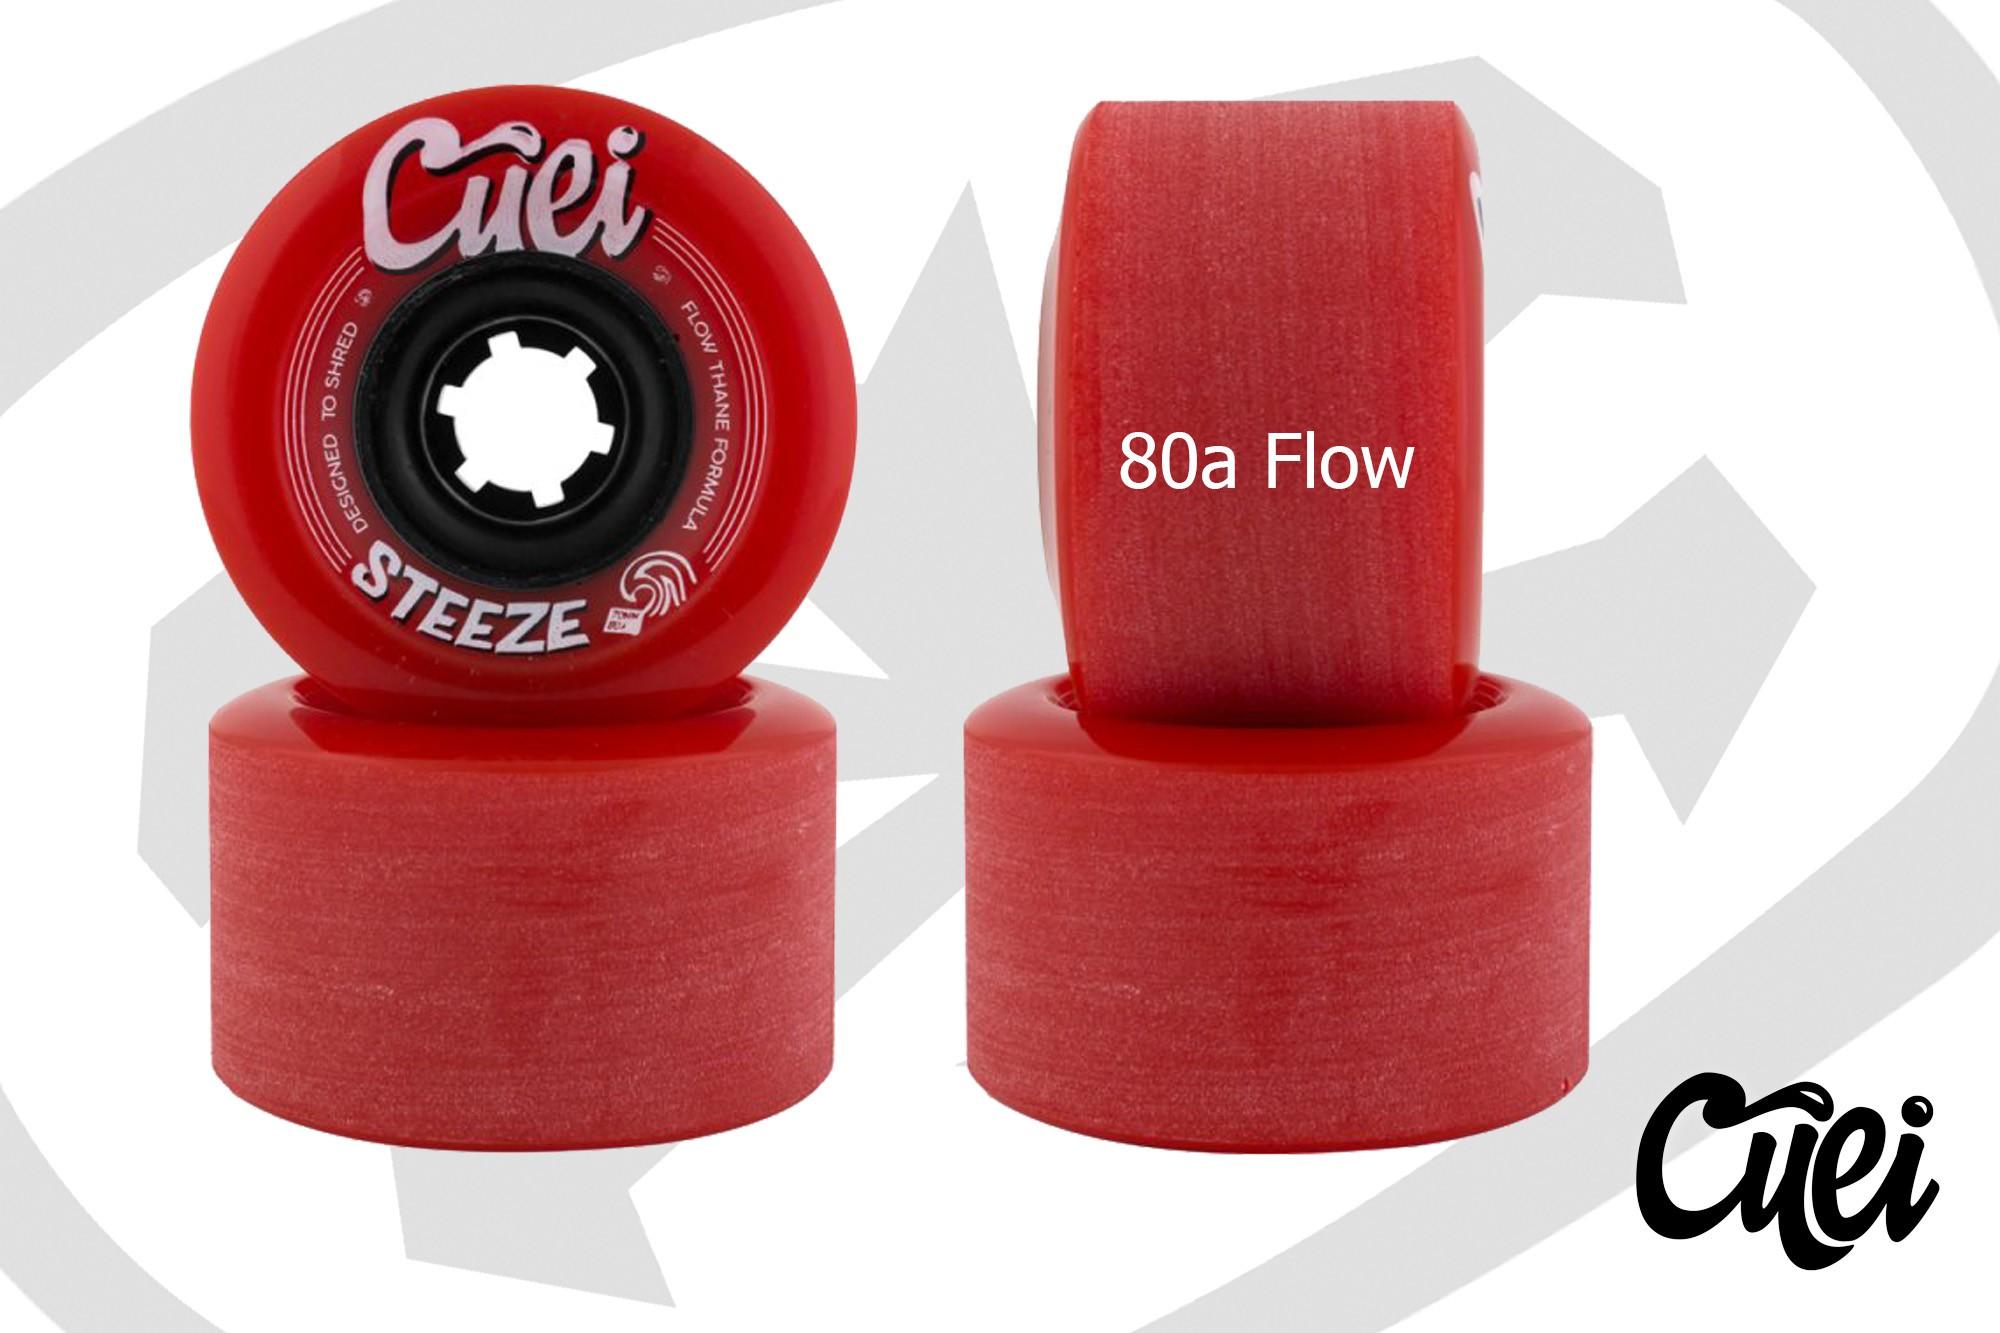 Rouge 80a Flow U